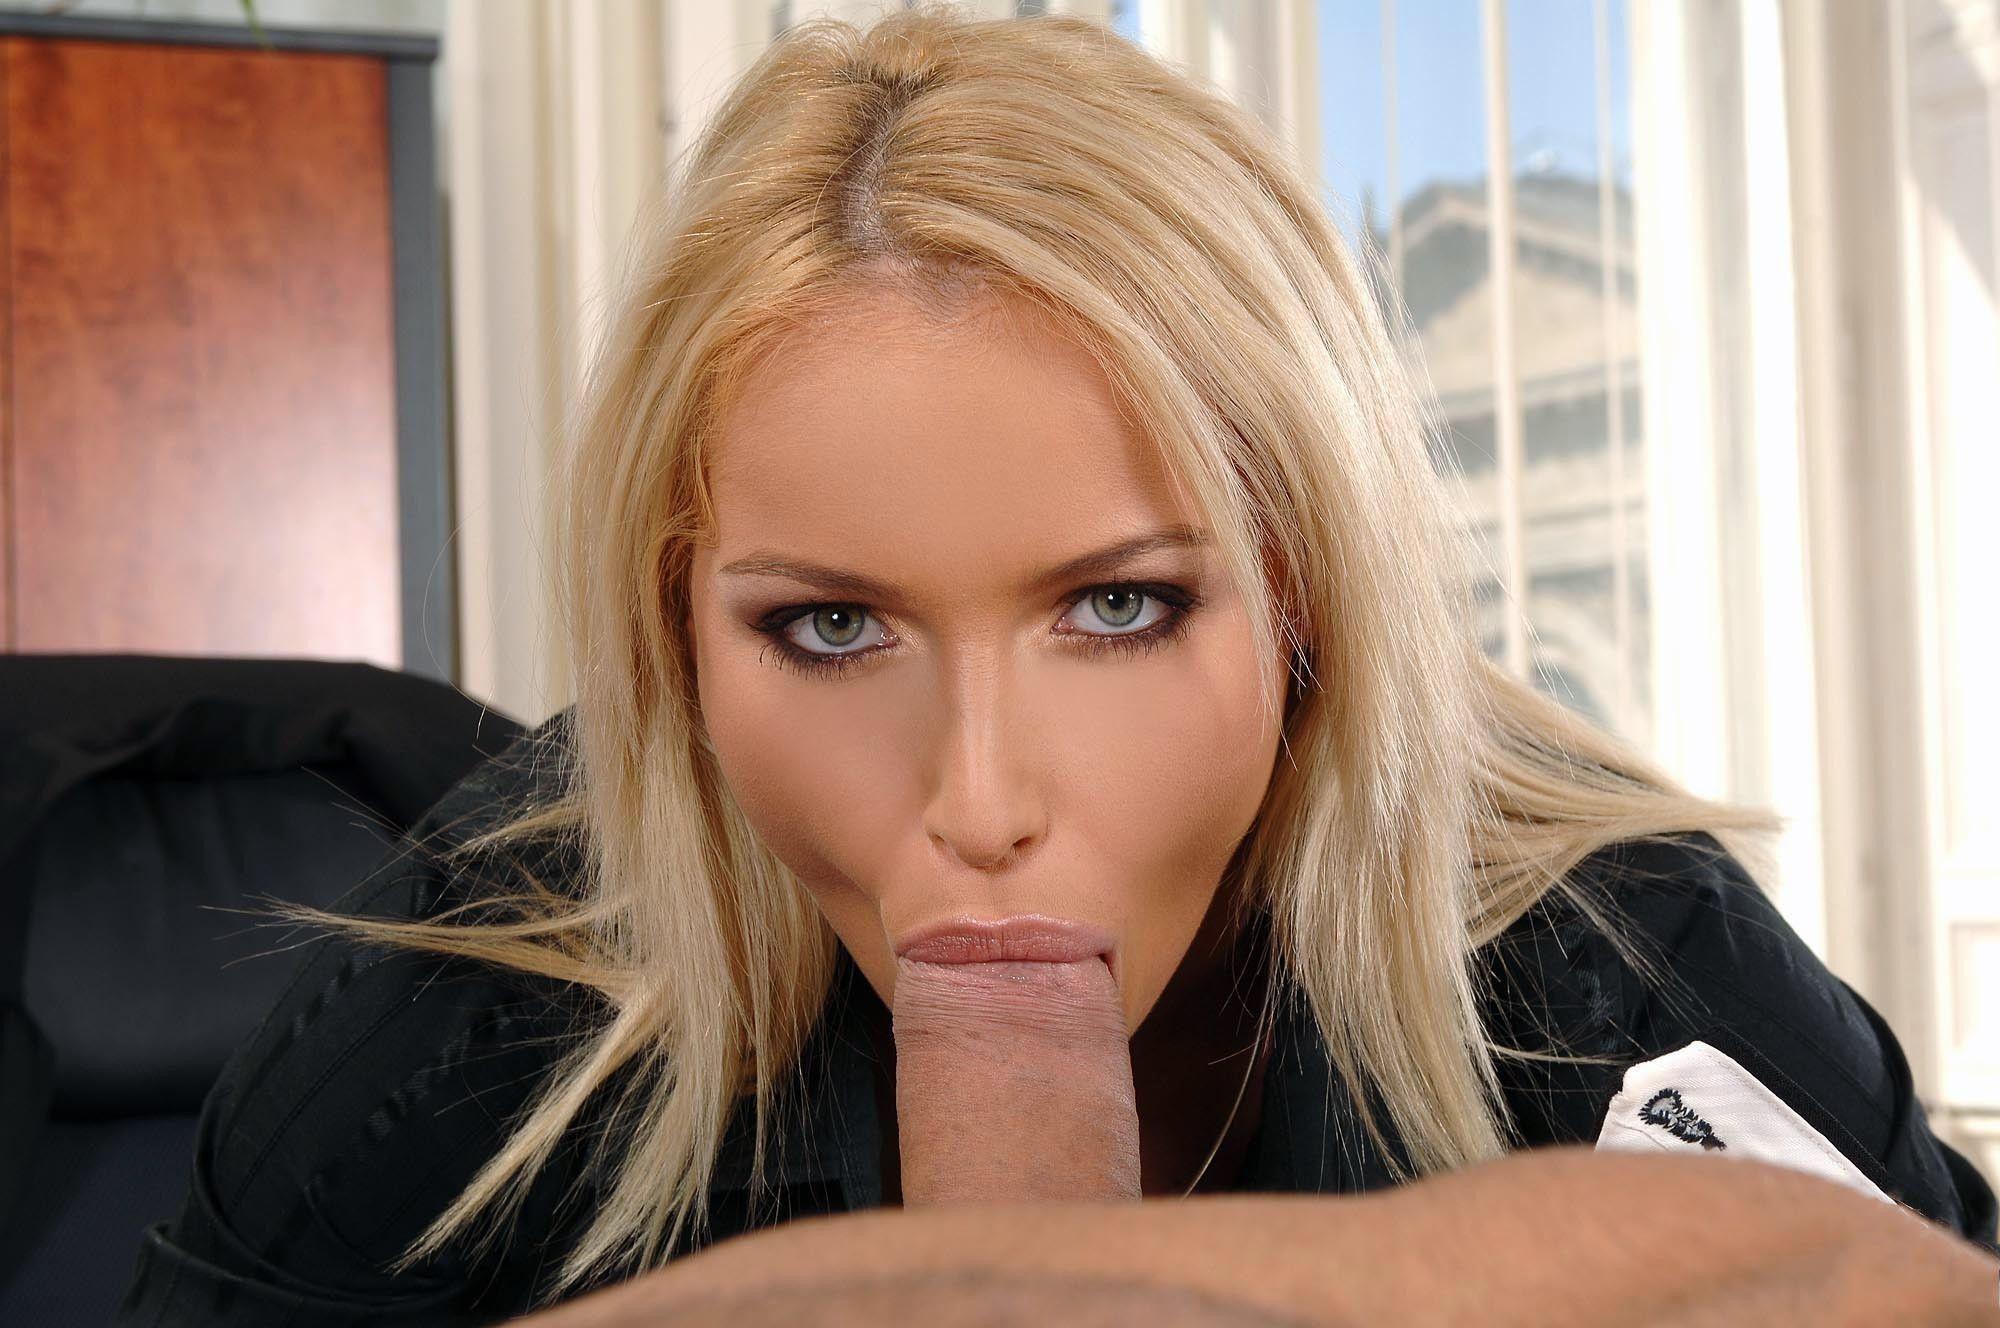 Alien reccomend sensual double blowjob pov